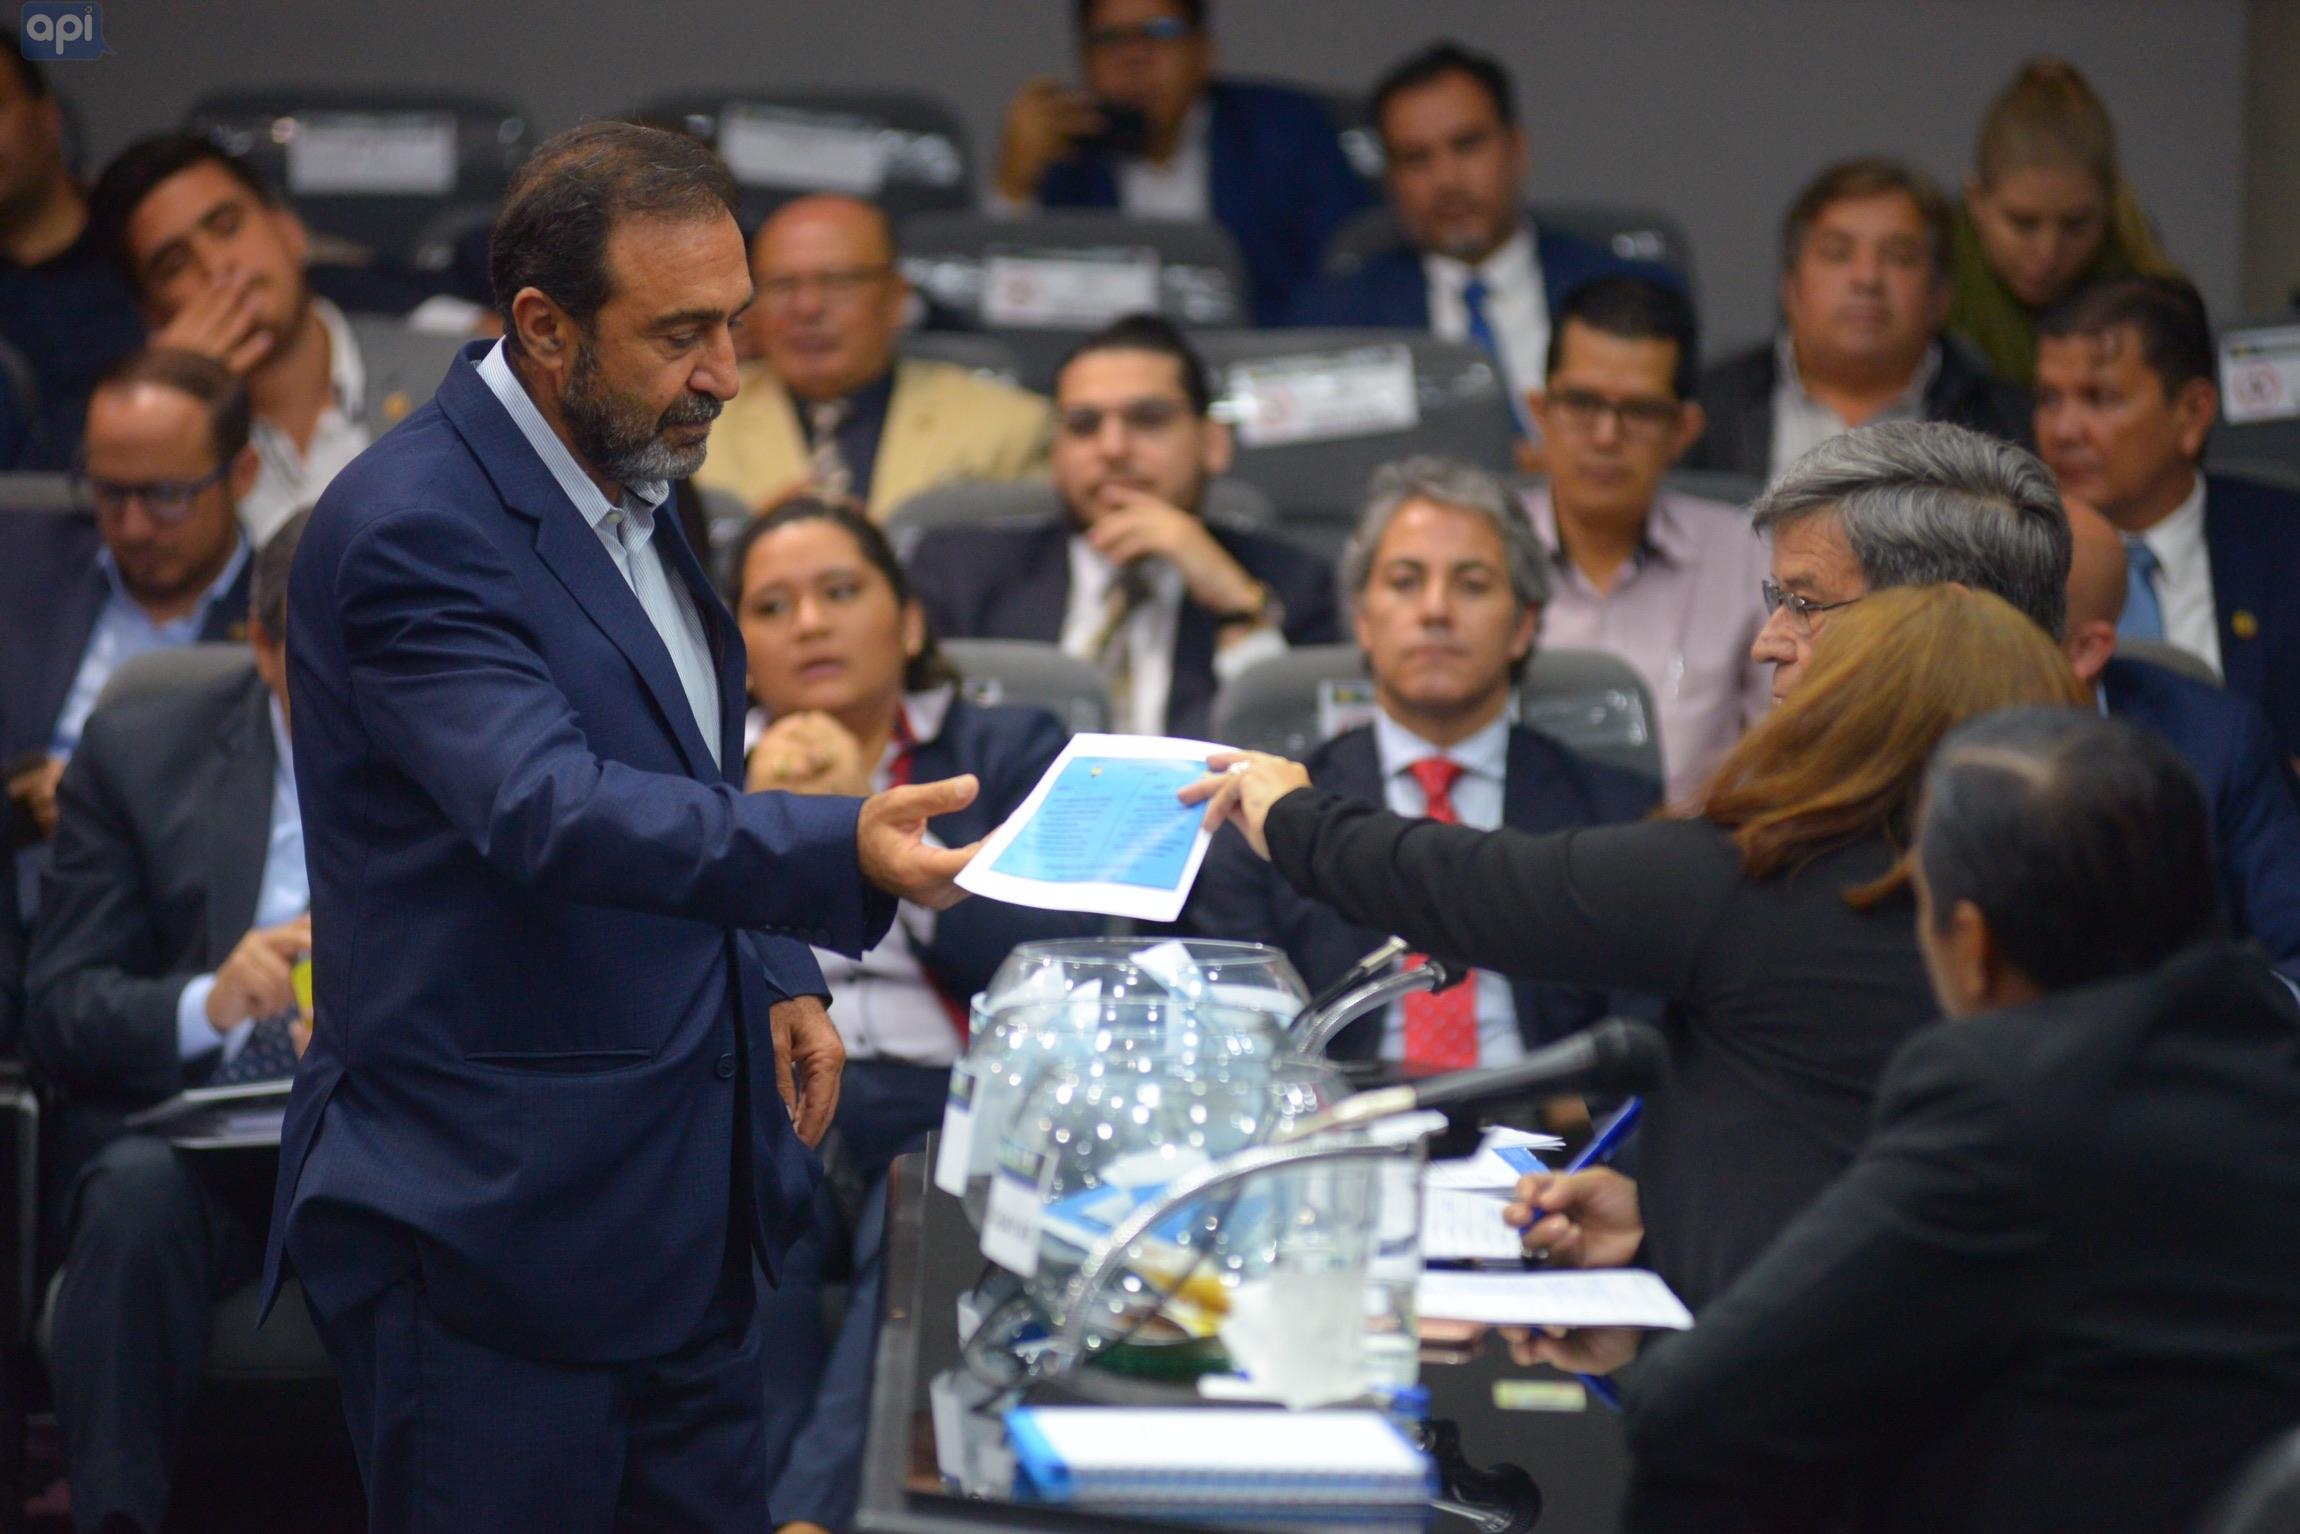 """Nassib Neme respondió a las declaraciones de Rodrigo Paz, quien manifestó que a Emelec se le fue """"el mejor jugador"""" y recordó al expresidente de la República, Rafael Correa"""